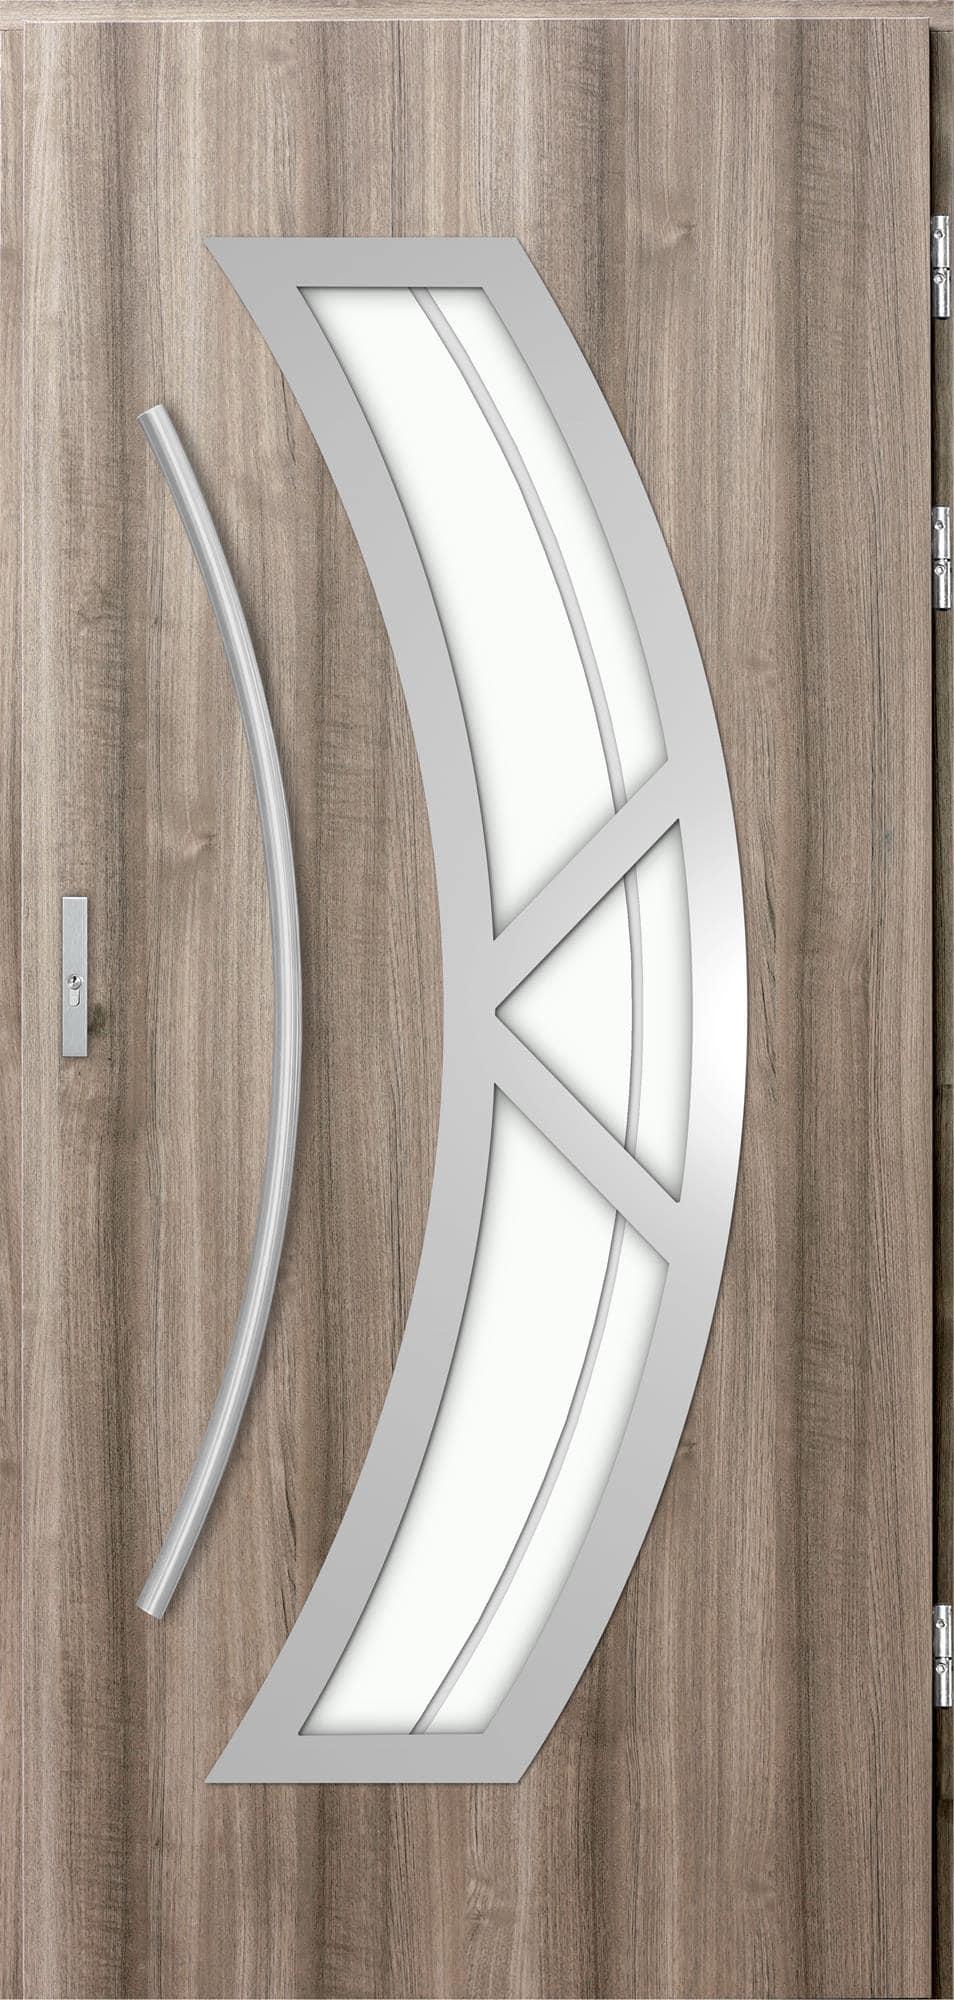 Venkovní vchodové dveøe Olivia, svìtlý dub